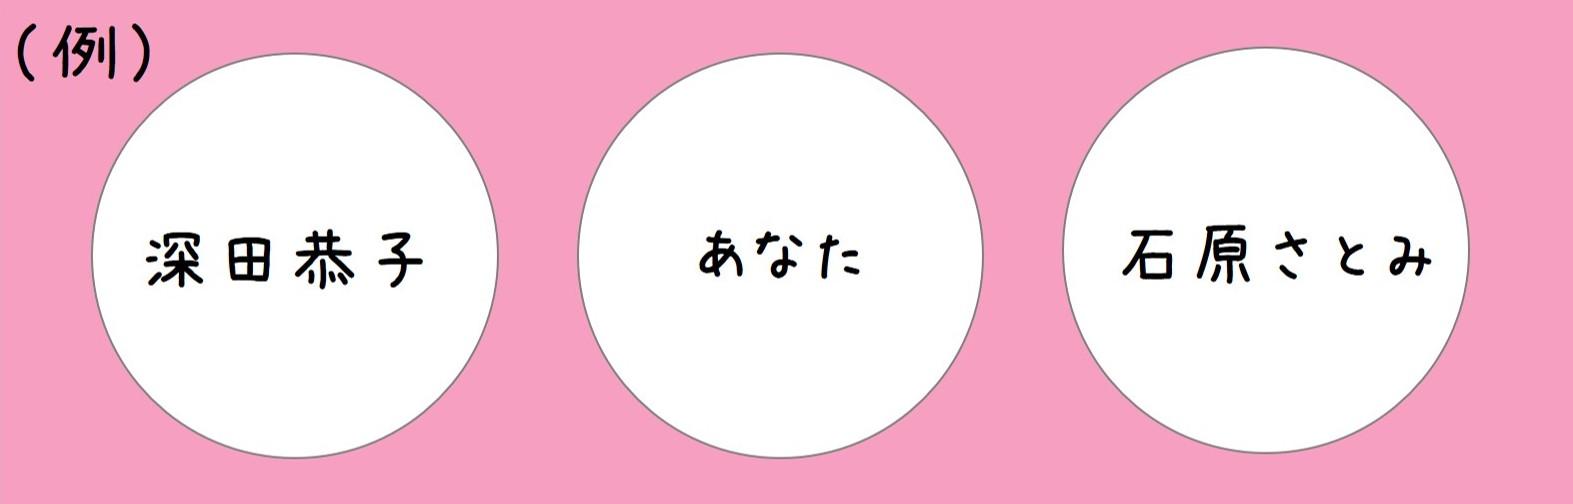 女性例 深田恭子 あなた 石原さとみ|これが婚活?あなたは3ヶ月後に3人のユニットメンバーとしてデビューします。